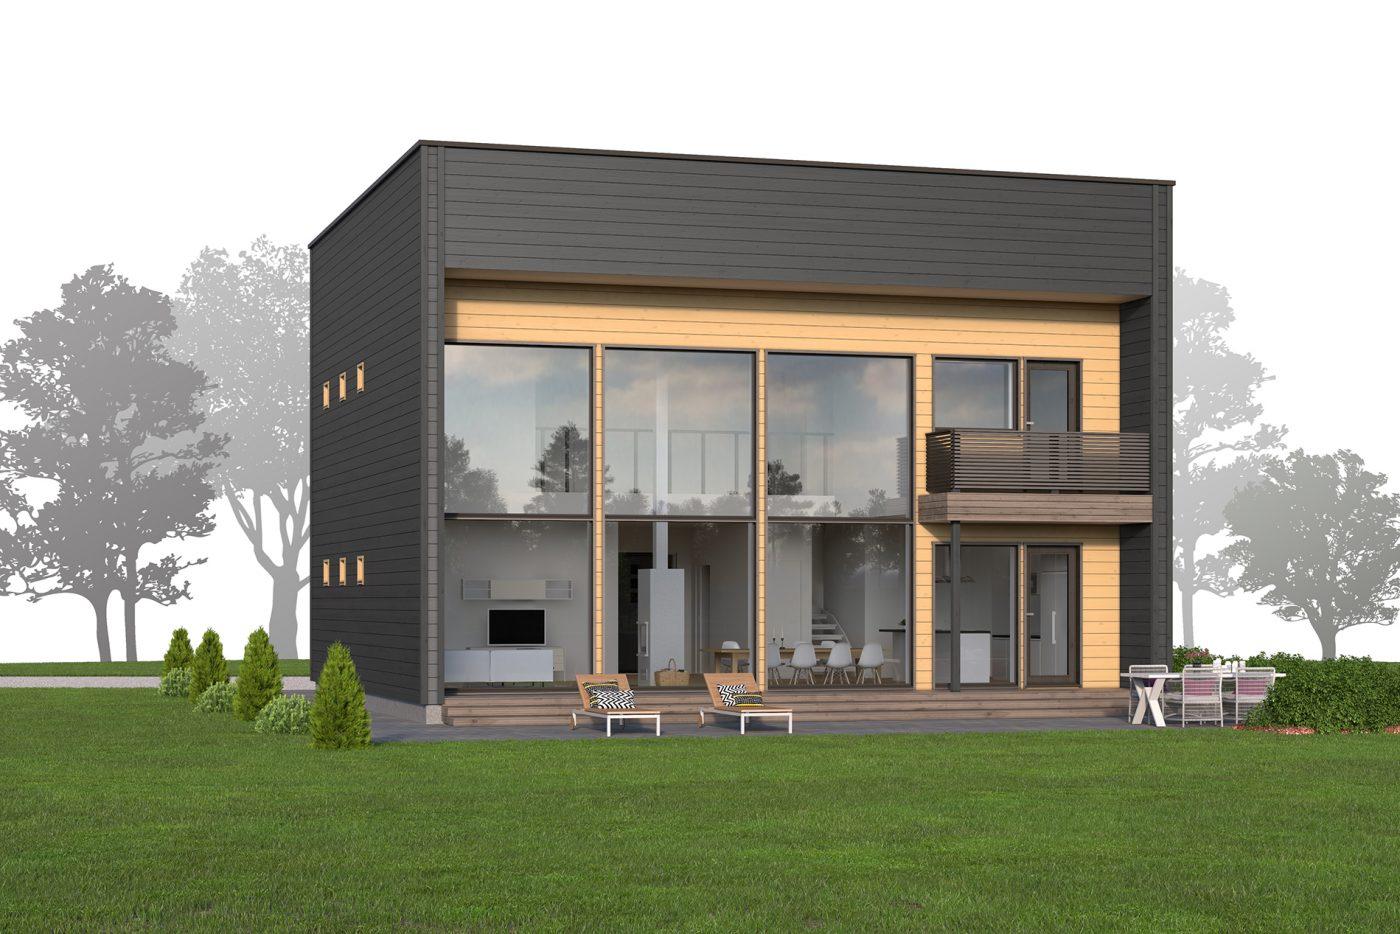 maison sips cubique 170 m² 01